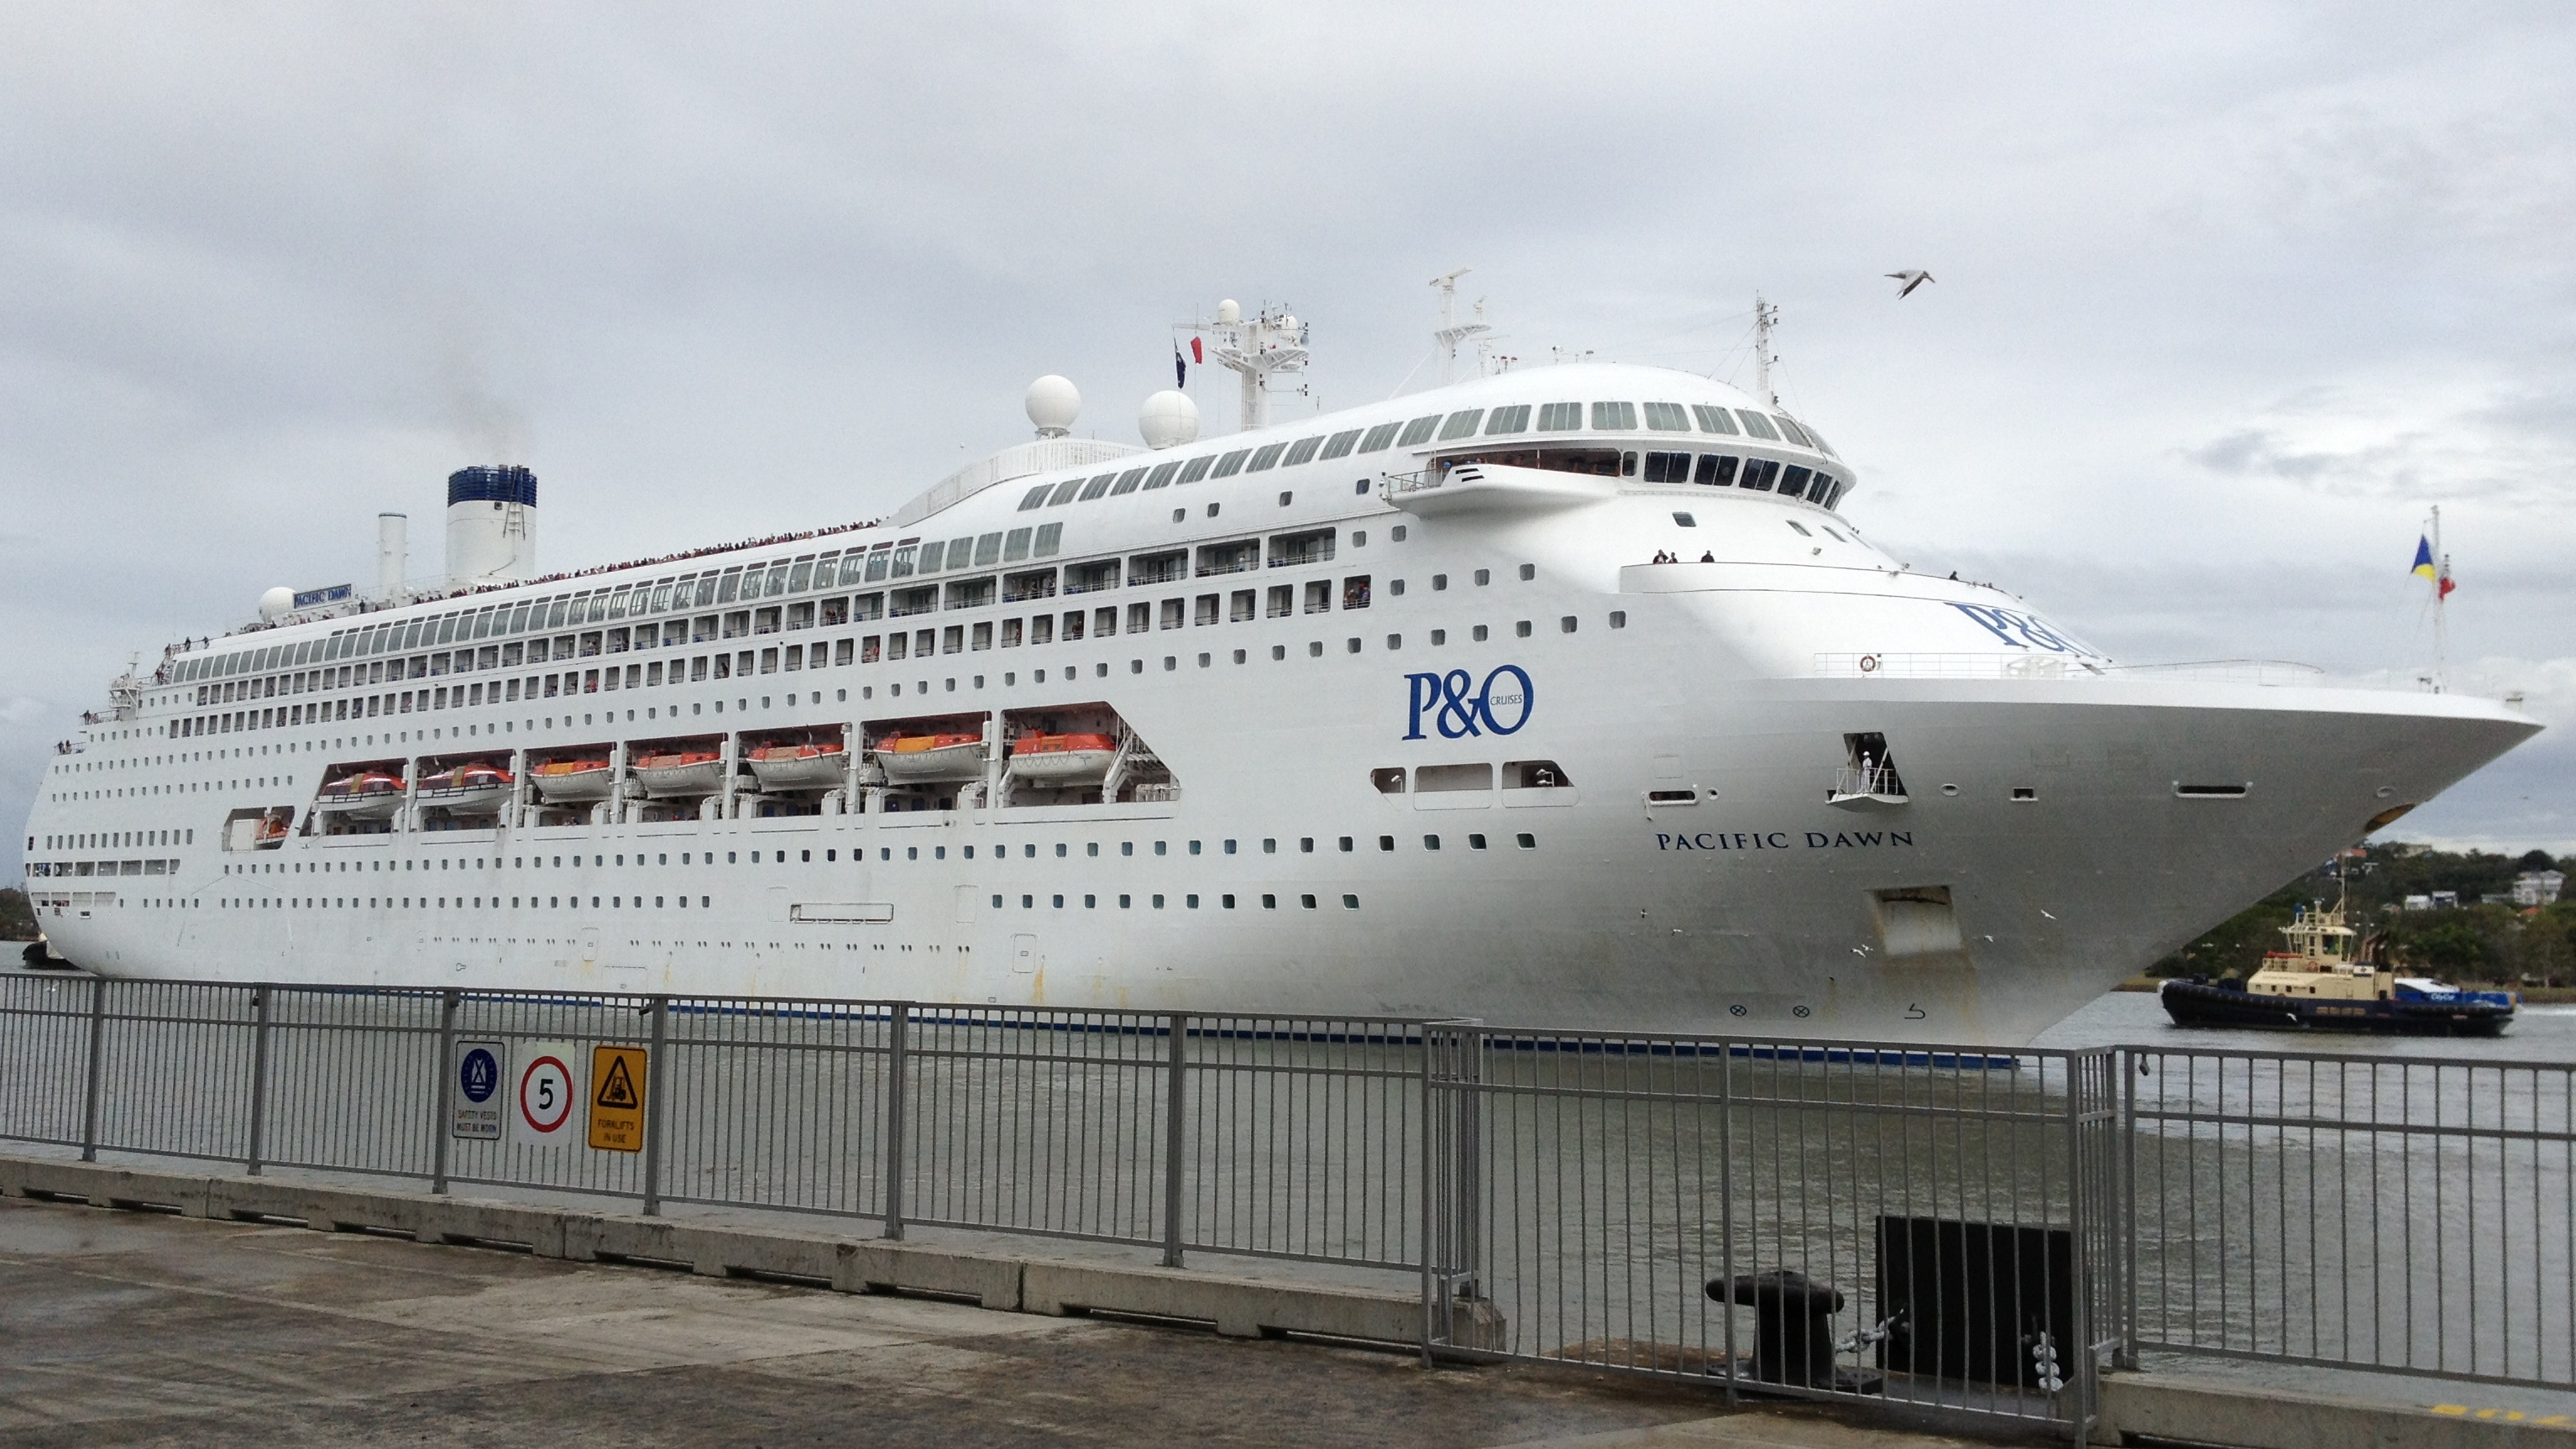 FilePacific Dawn Ship At Portside Wharf Jpg - Port side of a cruise ship